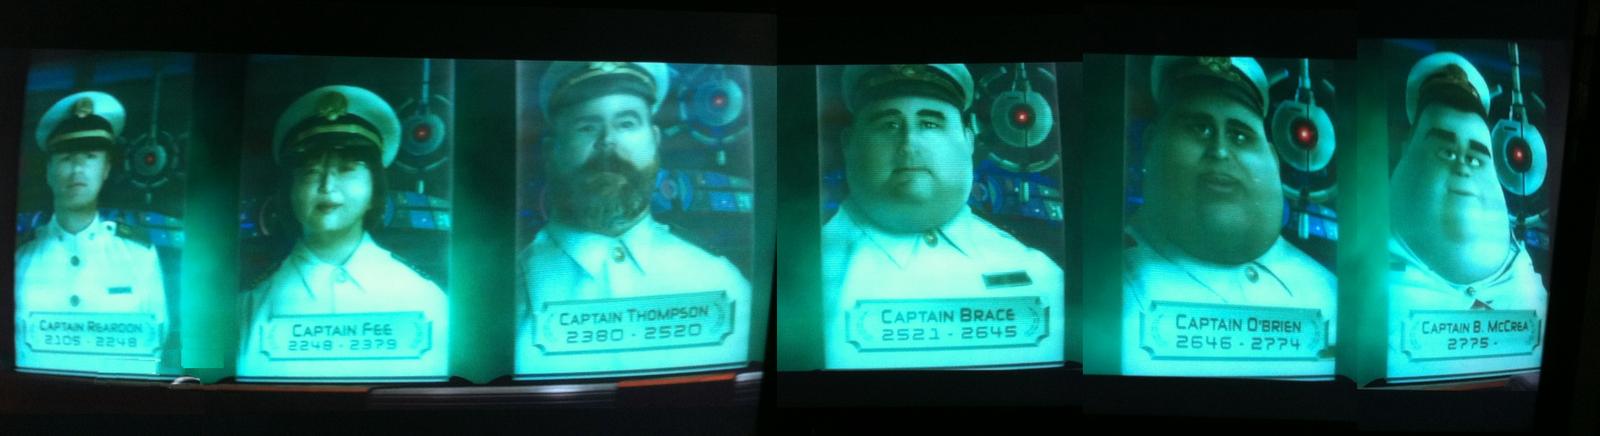 历届舰长的肖像也是。最早的像真人,越往后越动画